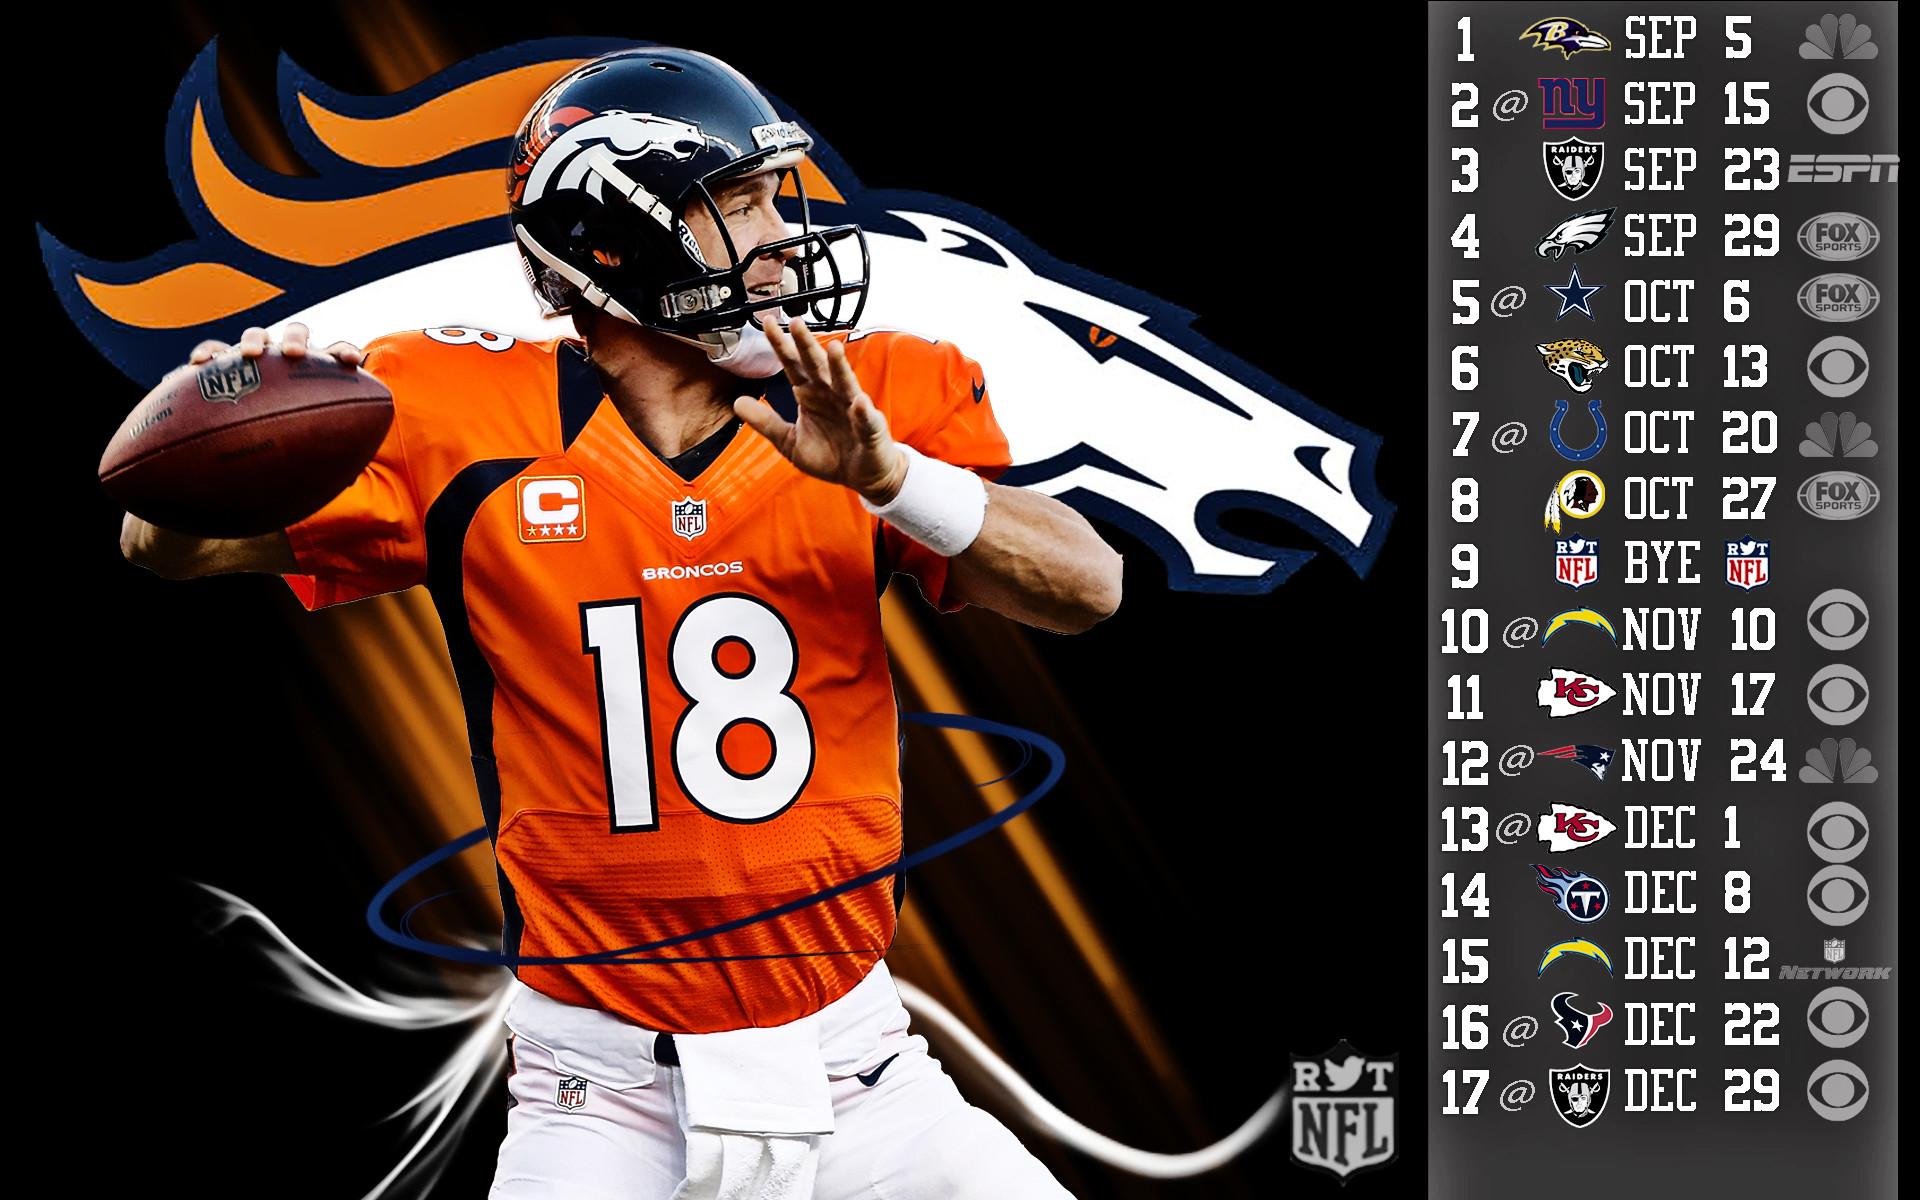 Broncos Peyton Manning 2013 Schedule HDR